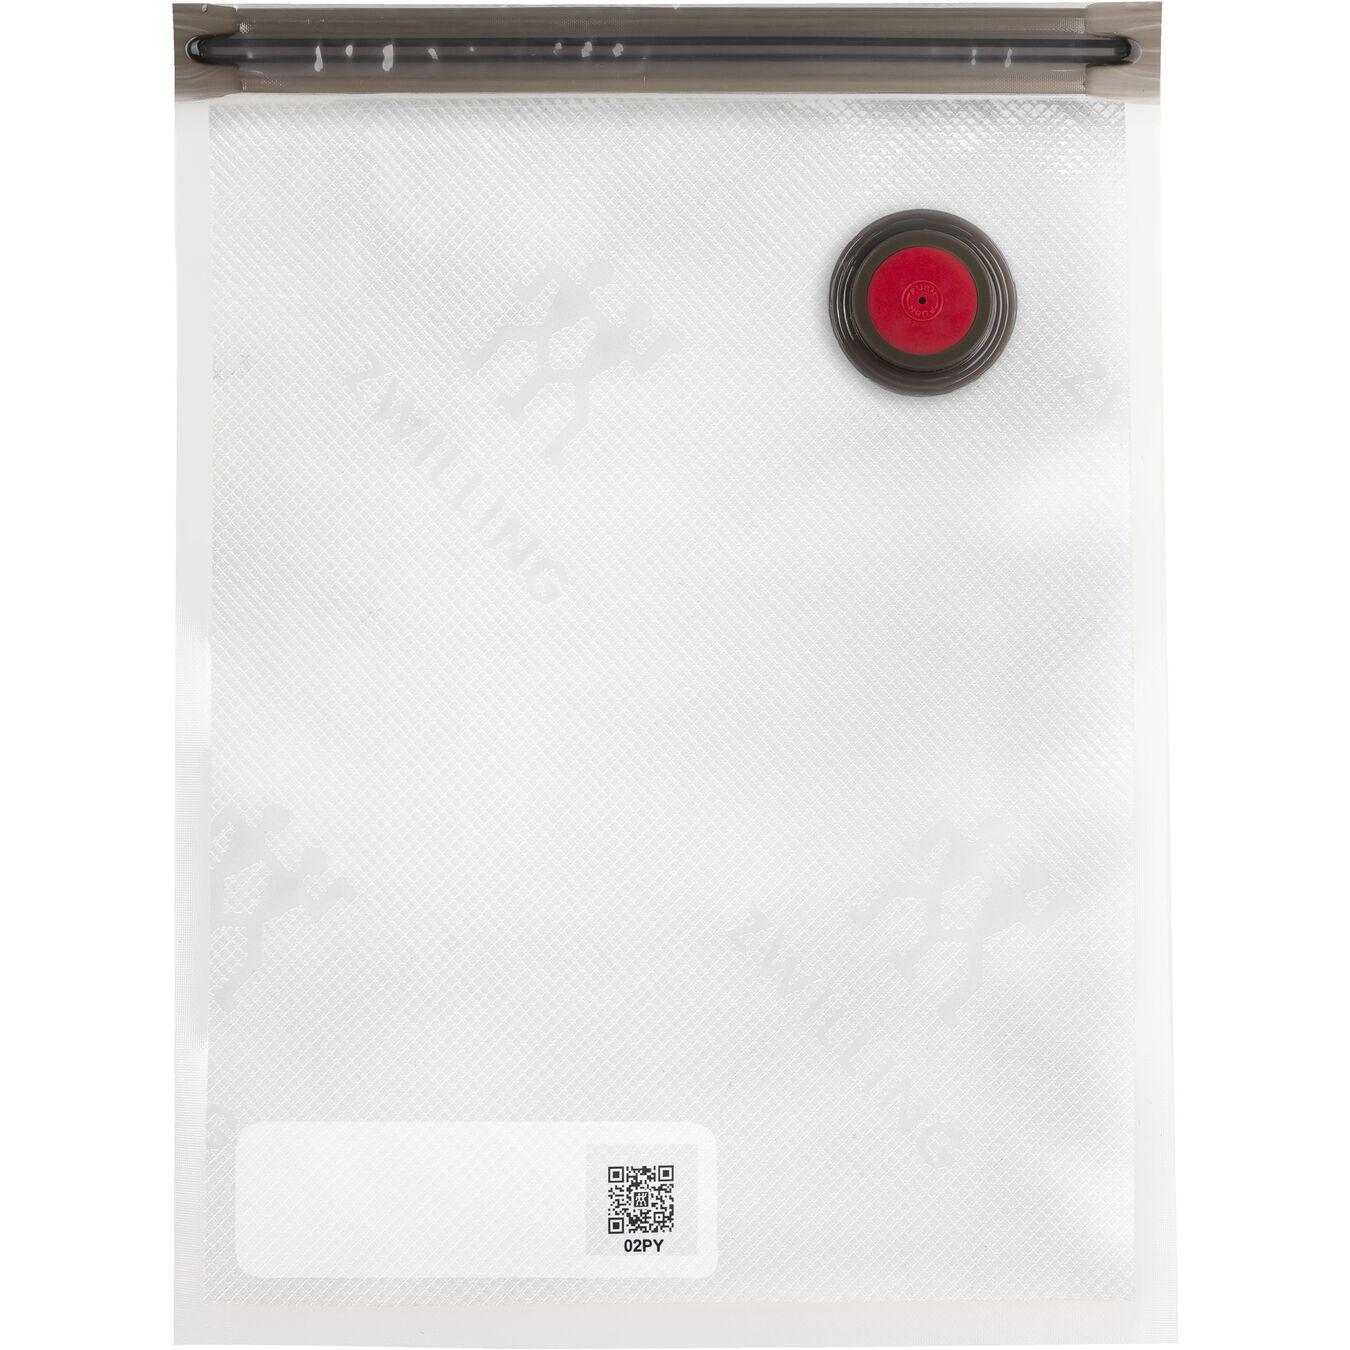 borosilicate glass / medium/large Vacuum starter set, 7-pc ,,large 10